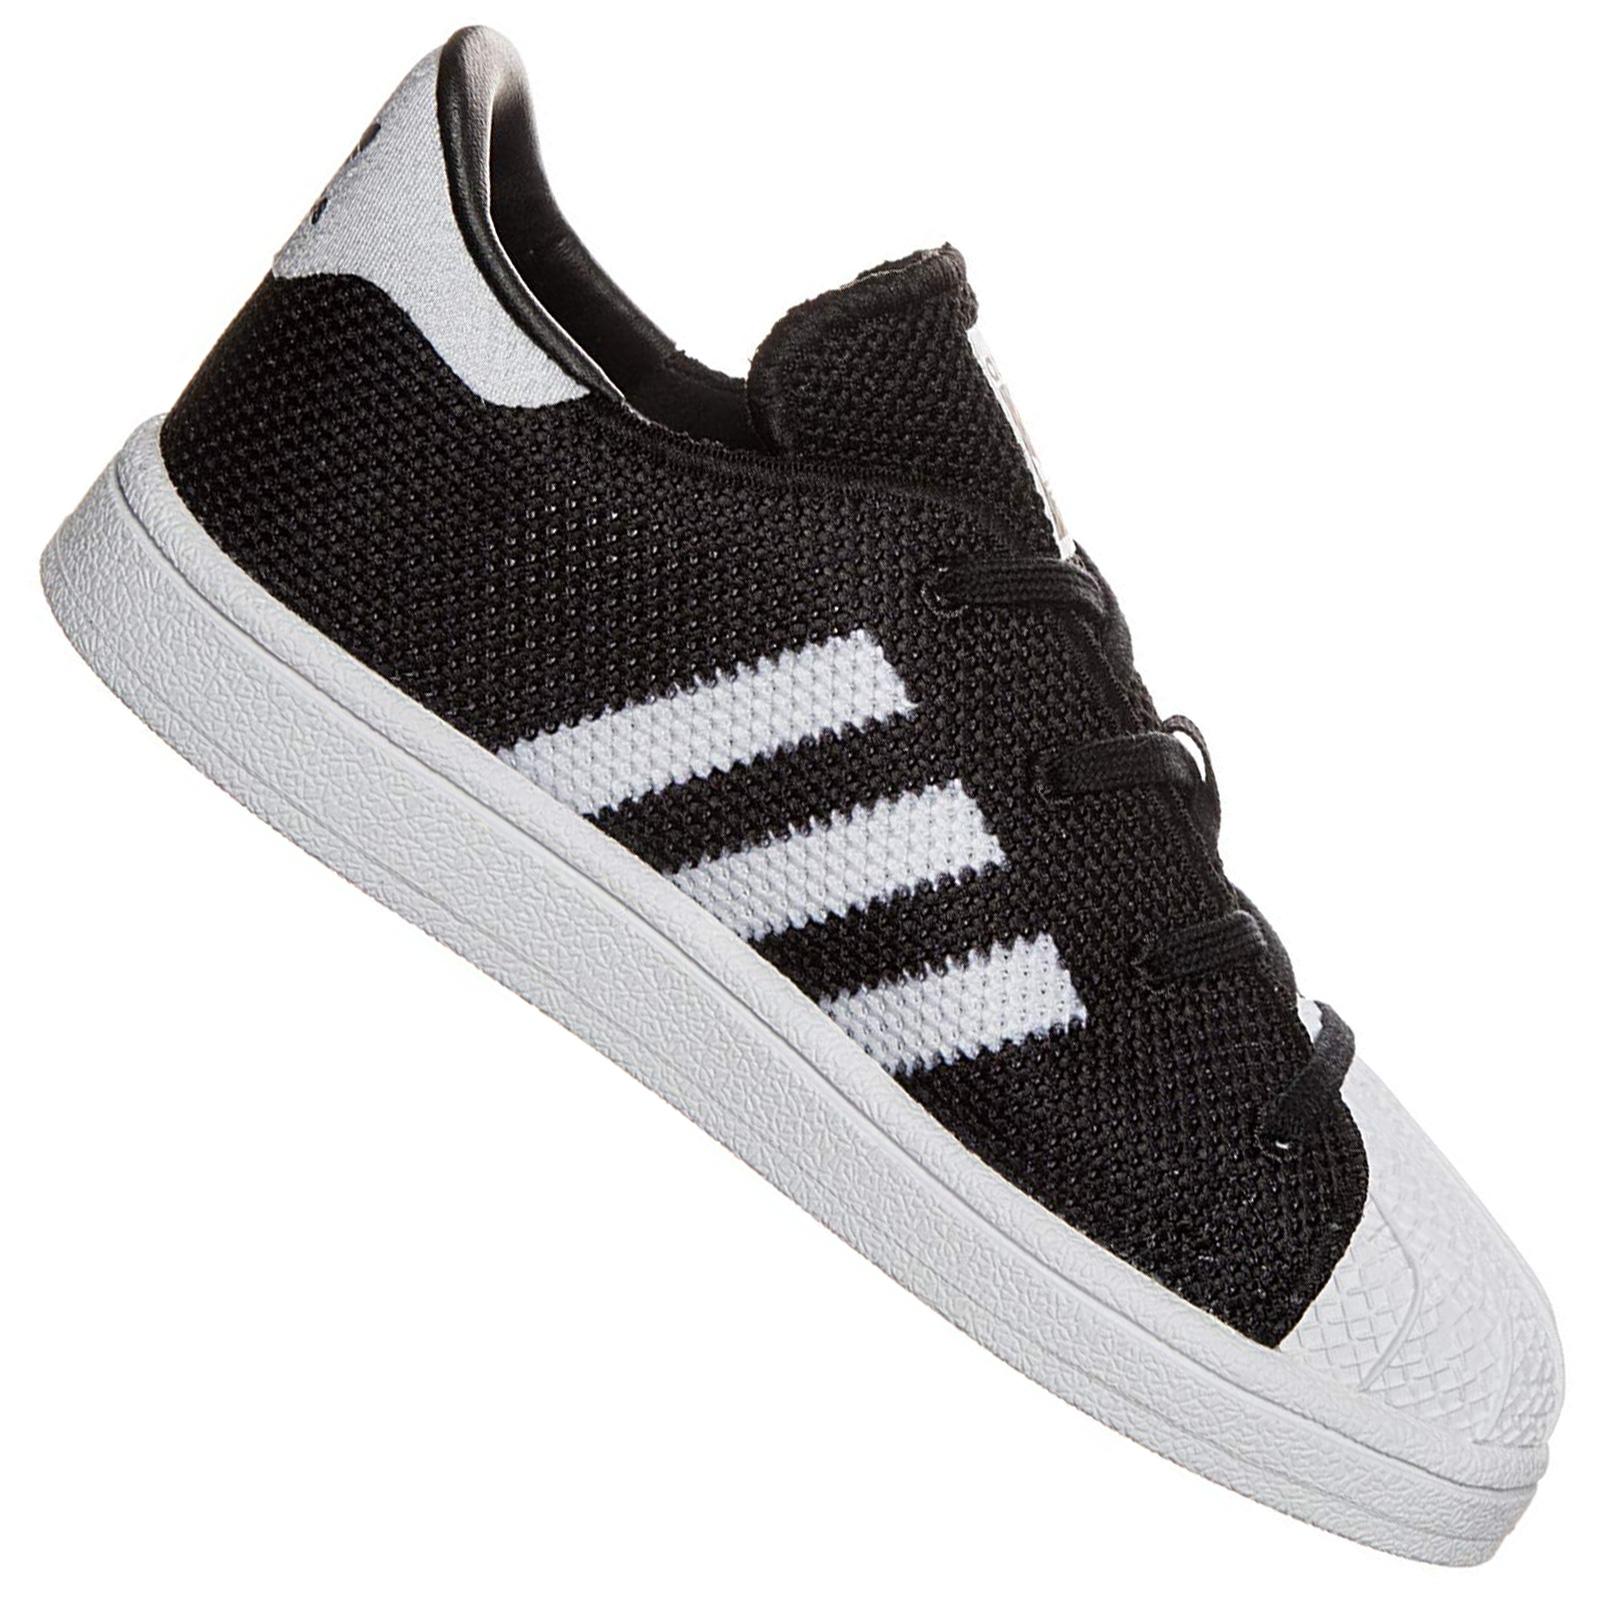 Zu Superstar I Weiß Details Originals Kleinkinder Schwarz Adidas Turnschuhe Baby Schuhe UqSGzpMV